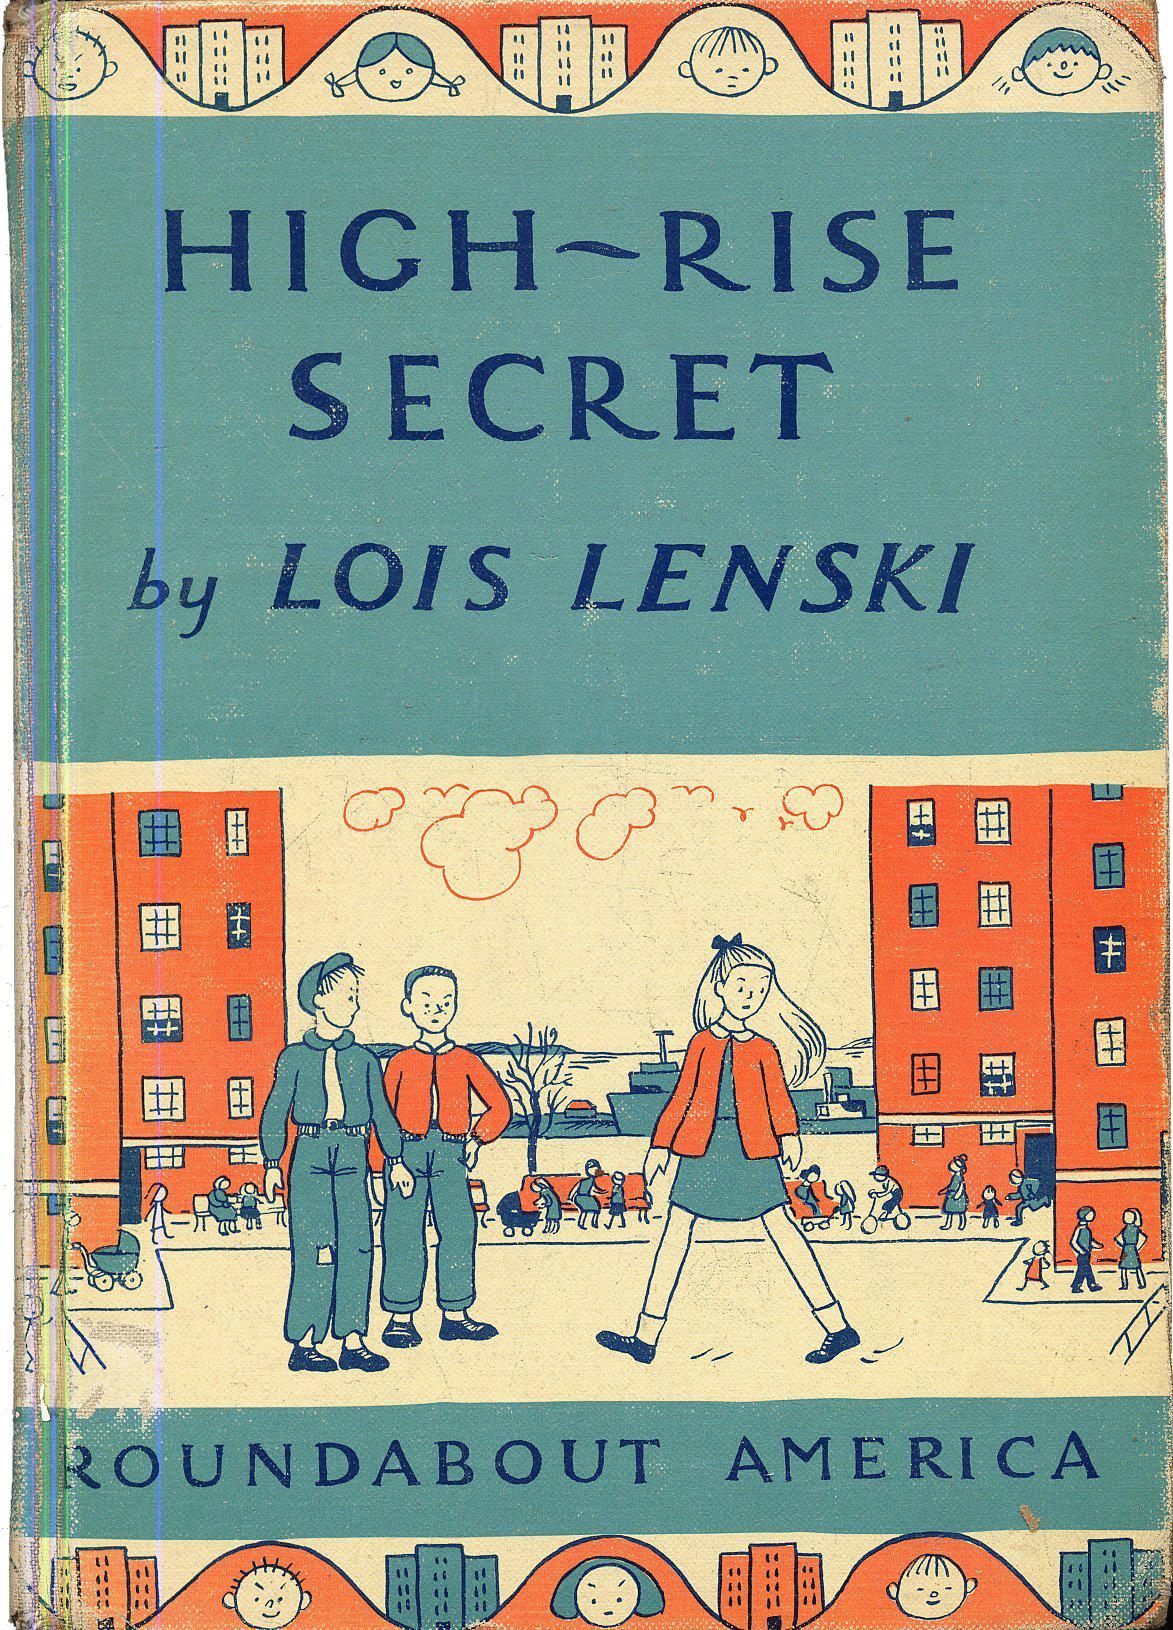 High-rise secret 1966 via  Amazon.com